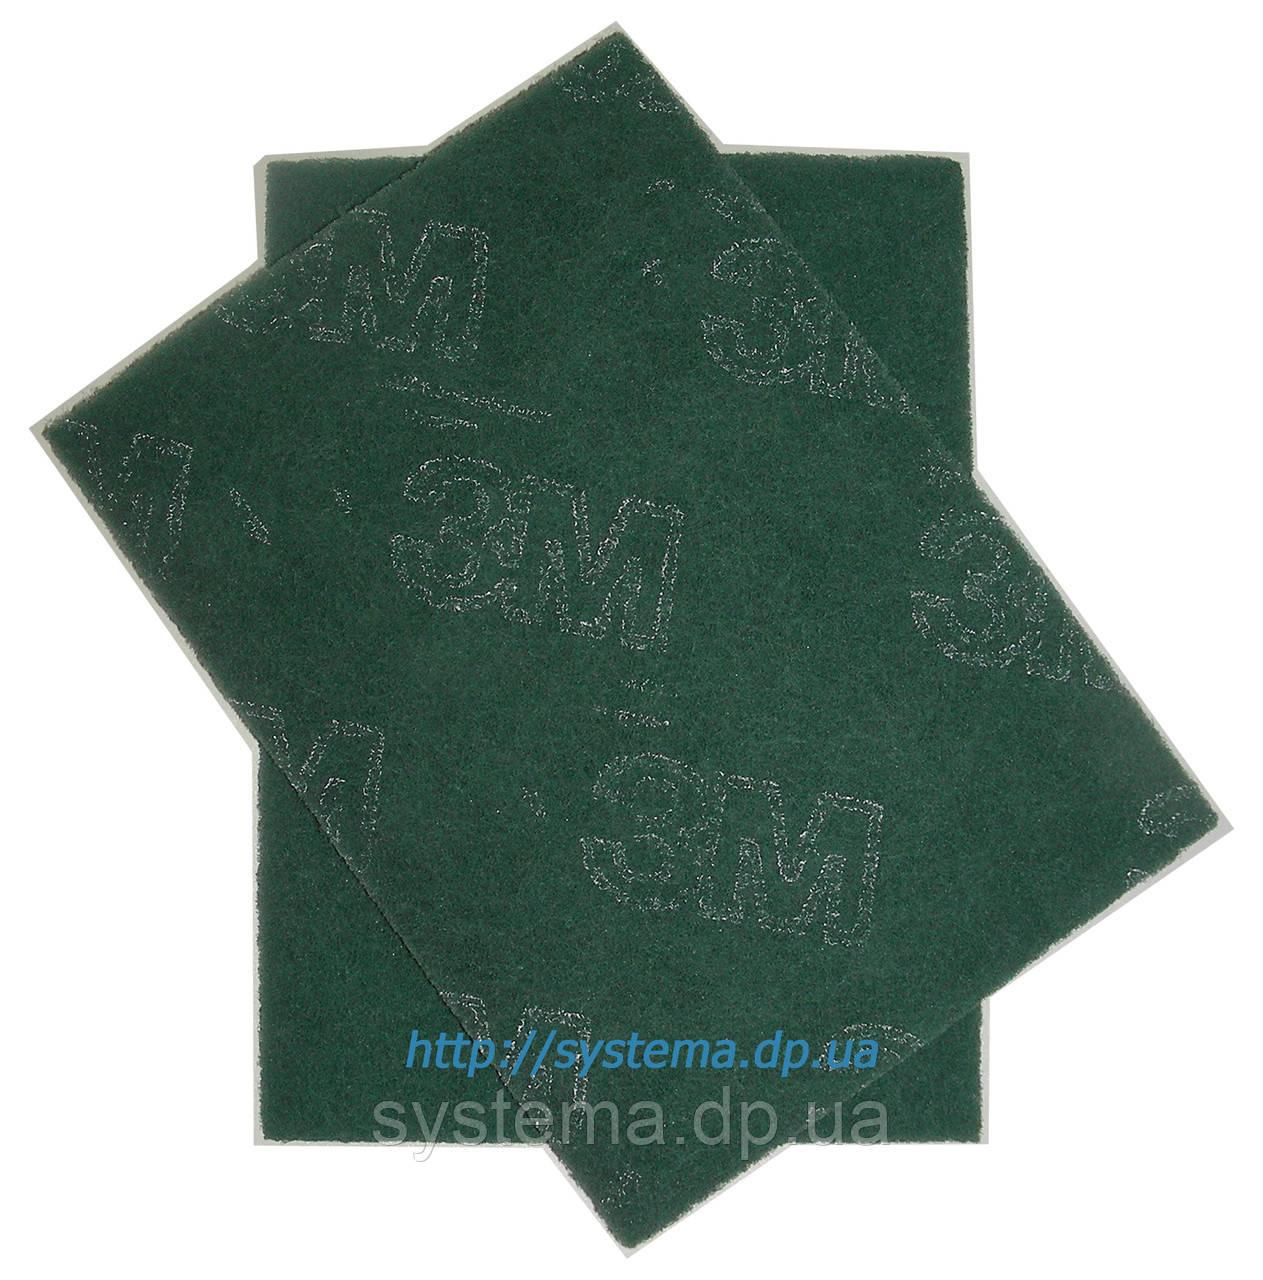 Шлифовальный лист скотч-брайт, 158 х 224 мм, A FIN, зеленый - 3M 07496 Scotch-Brite GP-SH